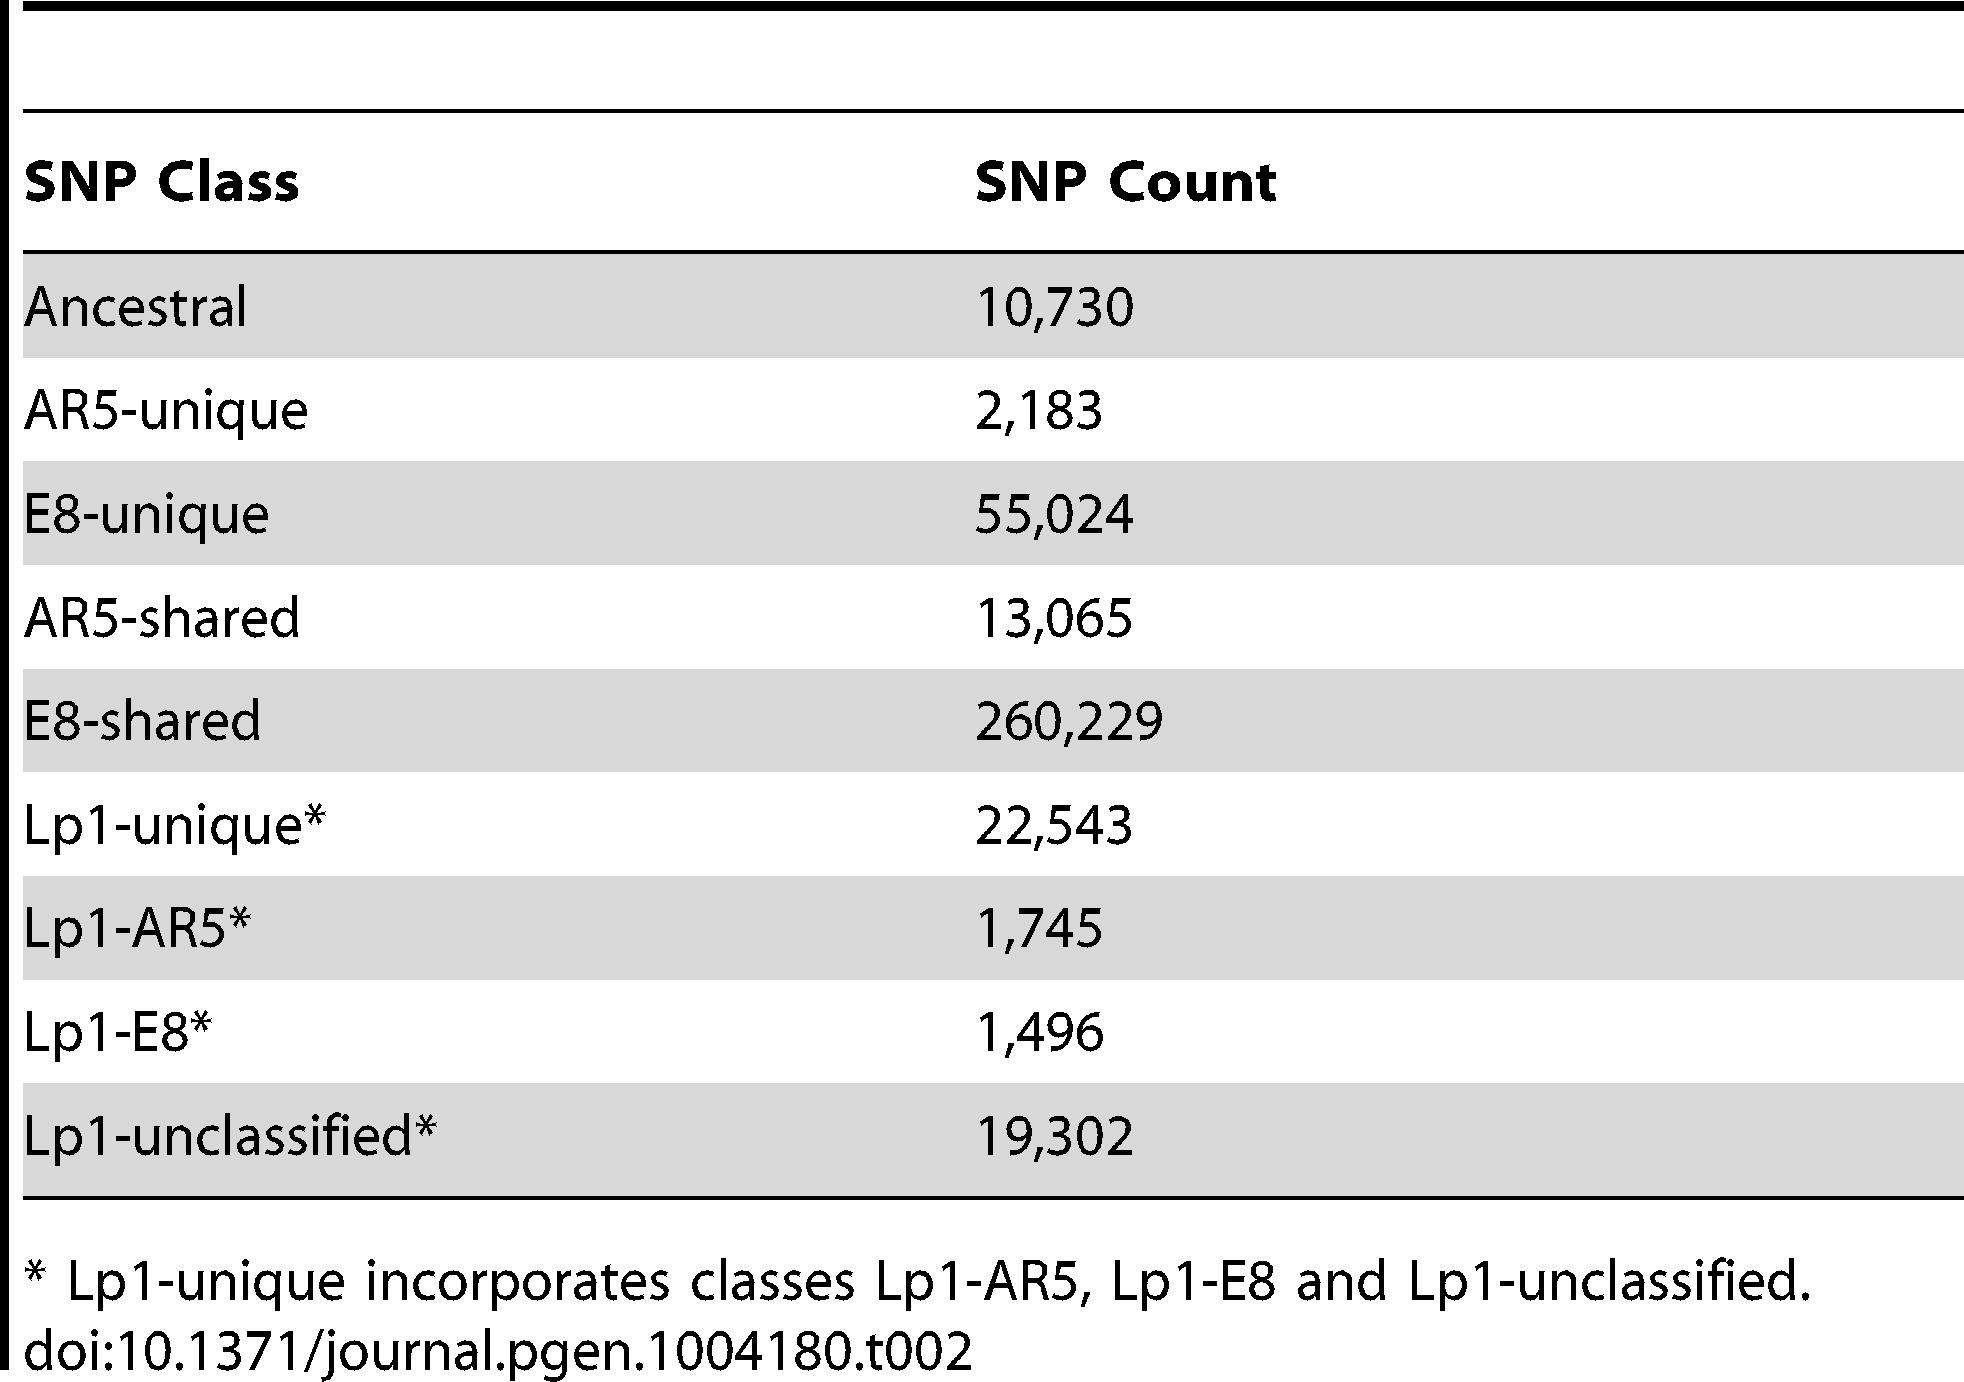 SNP counts by diagnostic class.